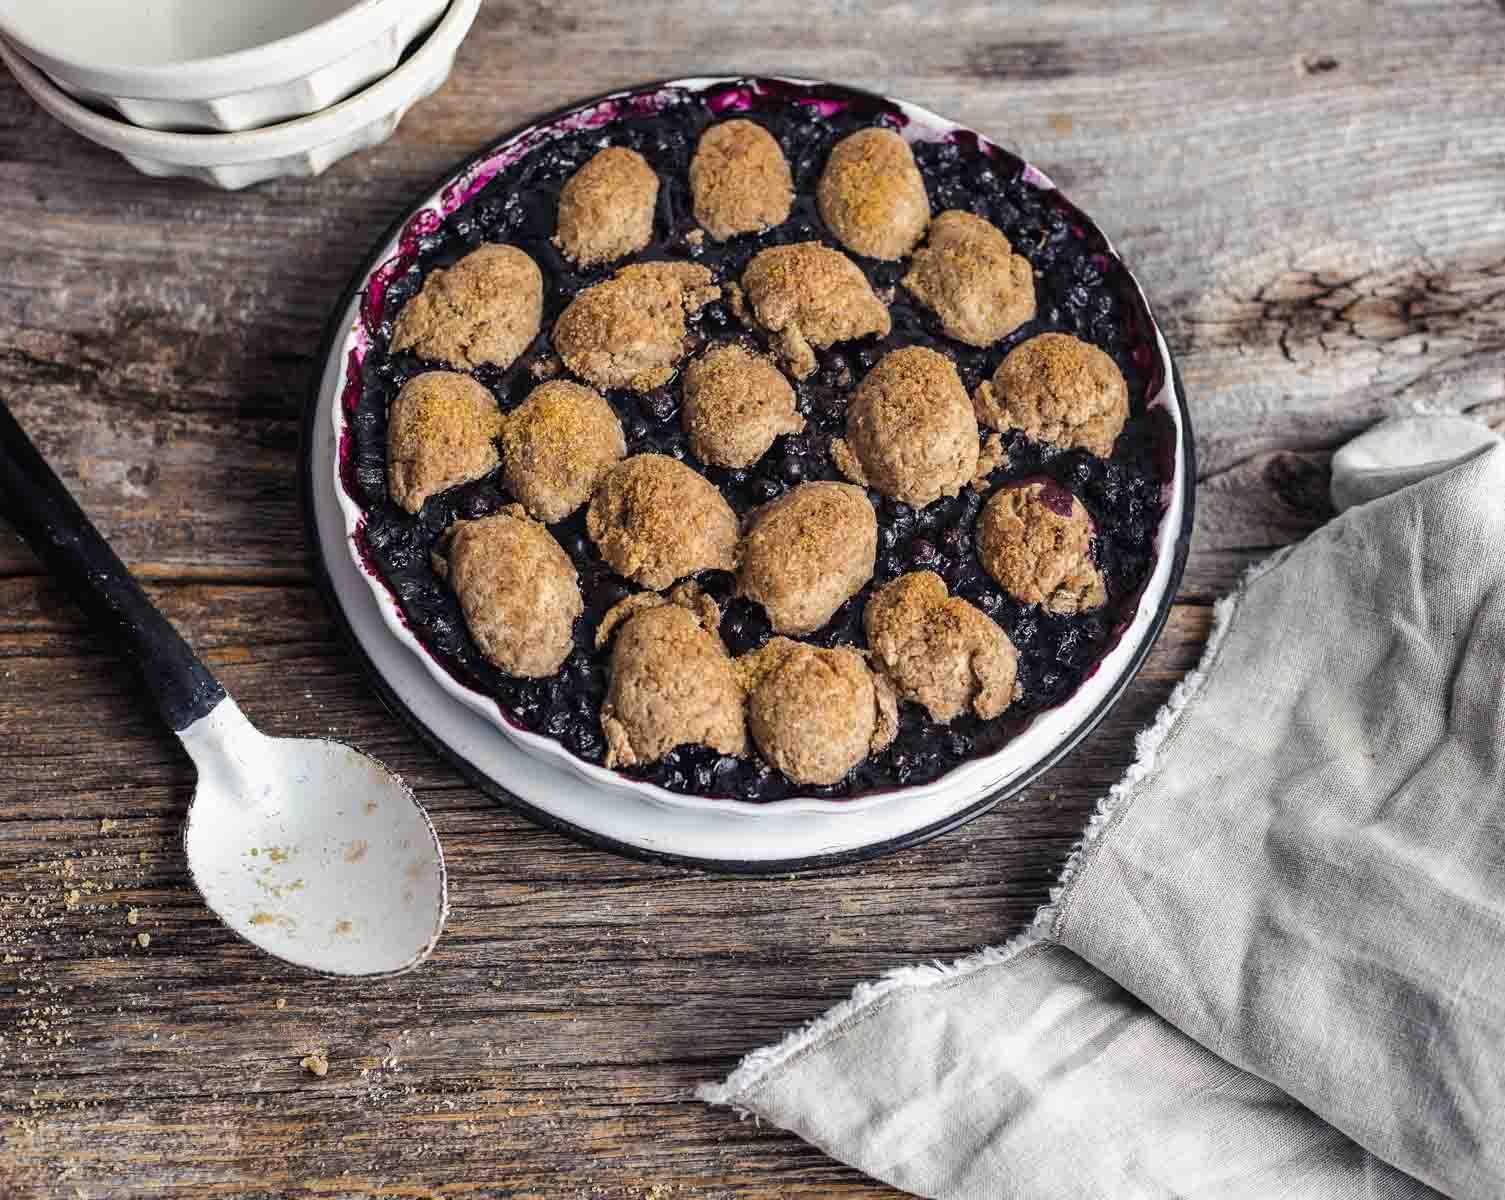 Blueberry Cobbler in a tart pan